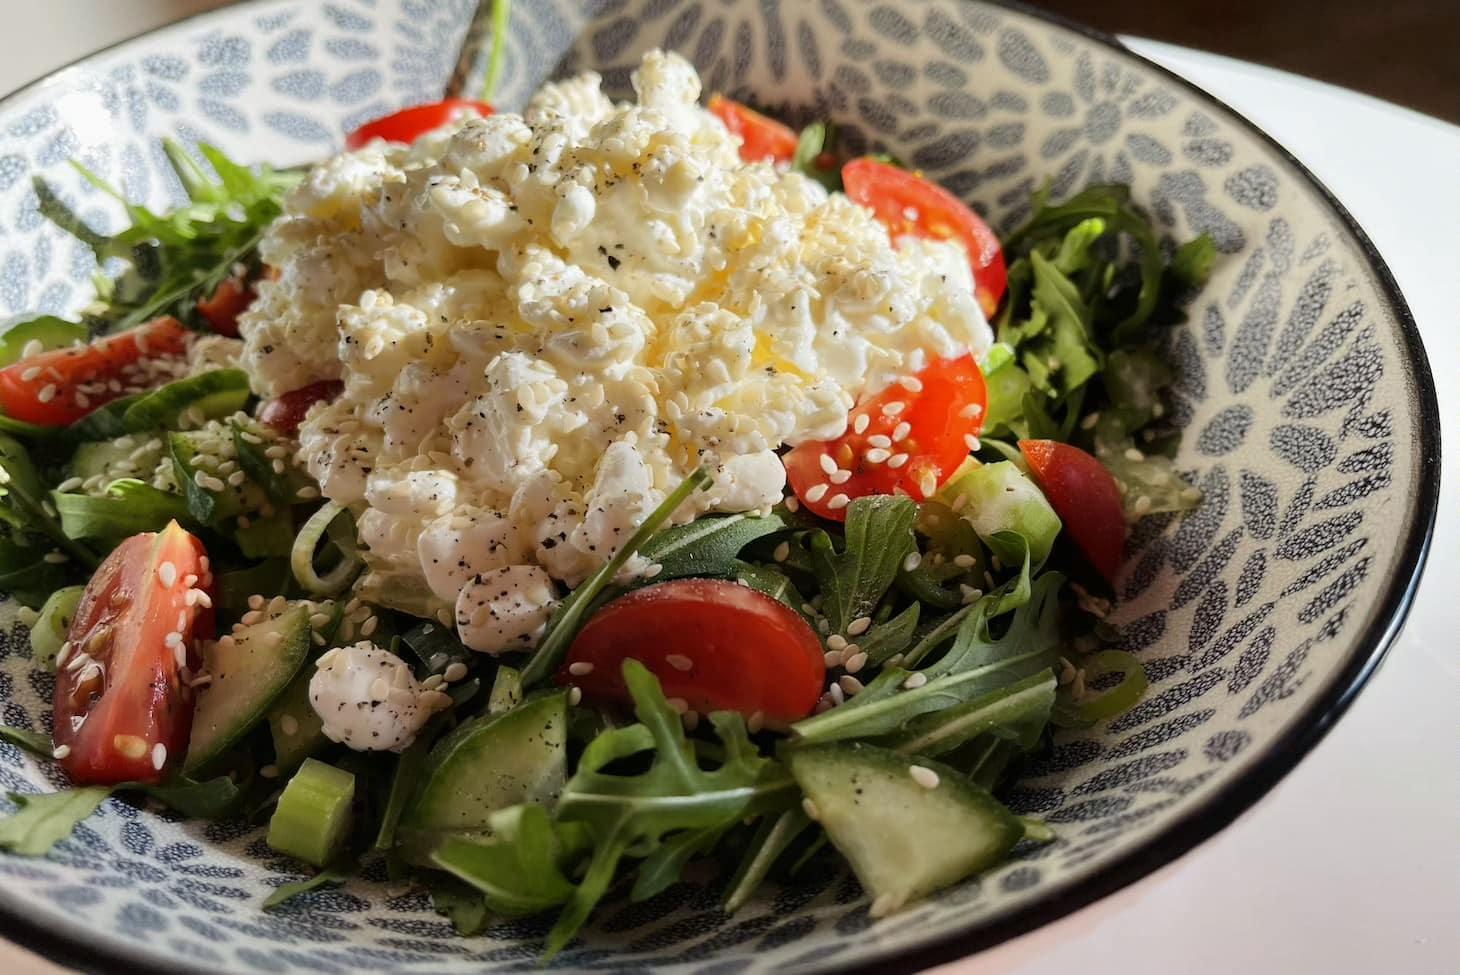 Салат с зерненым творогом и кунжутом